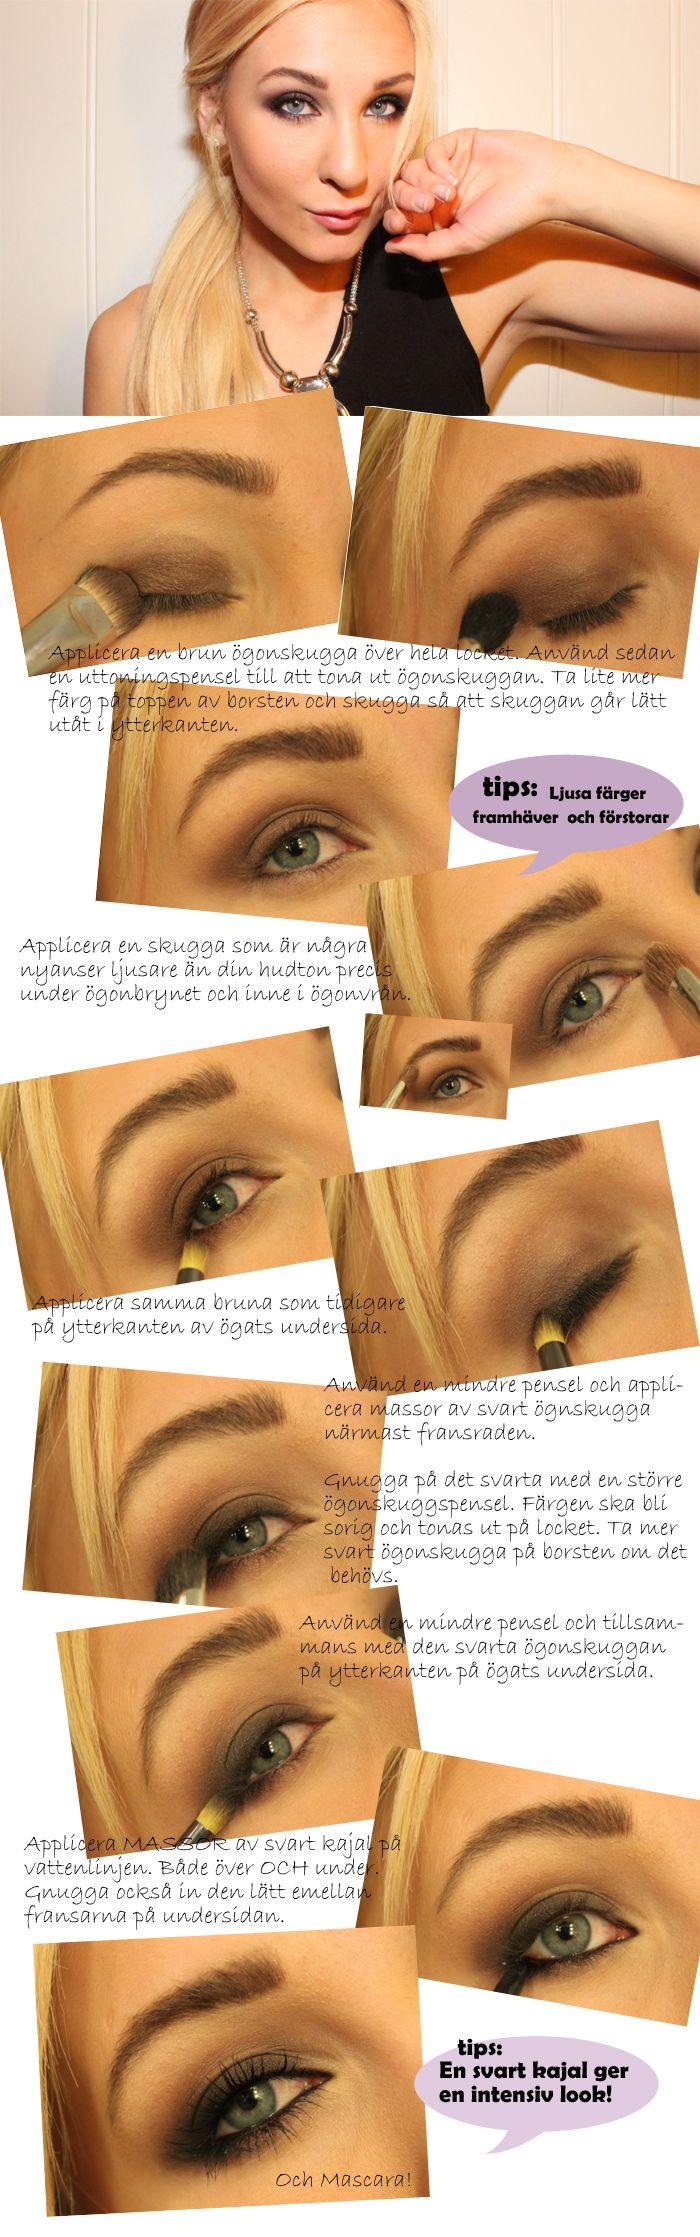 Mila Kunis sotade ögon steg för steg! | Helen Torsgården – Hiilens sminkblogg mila kunis inspired makeup